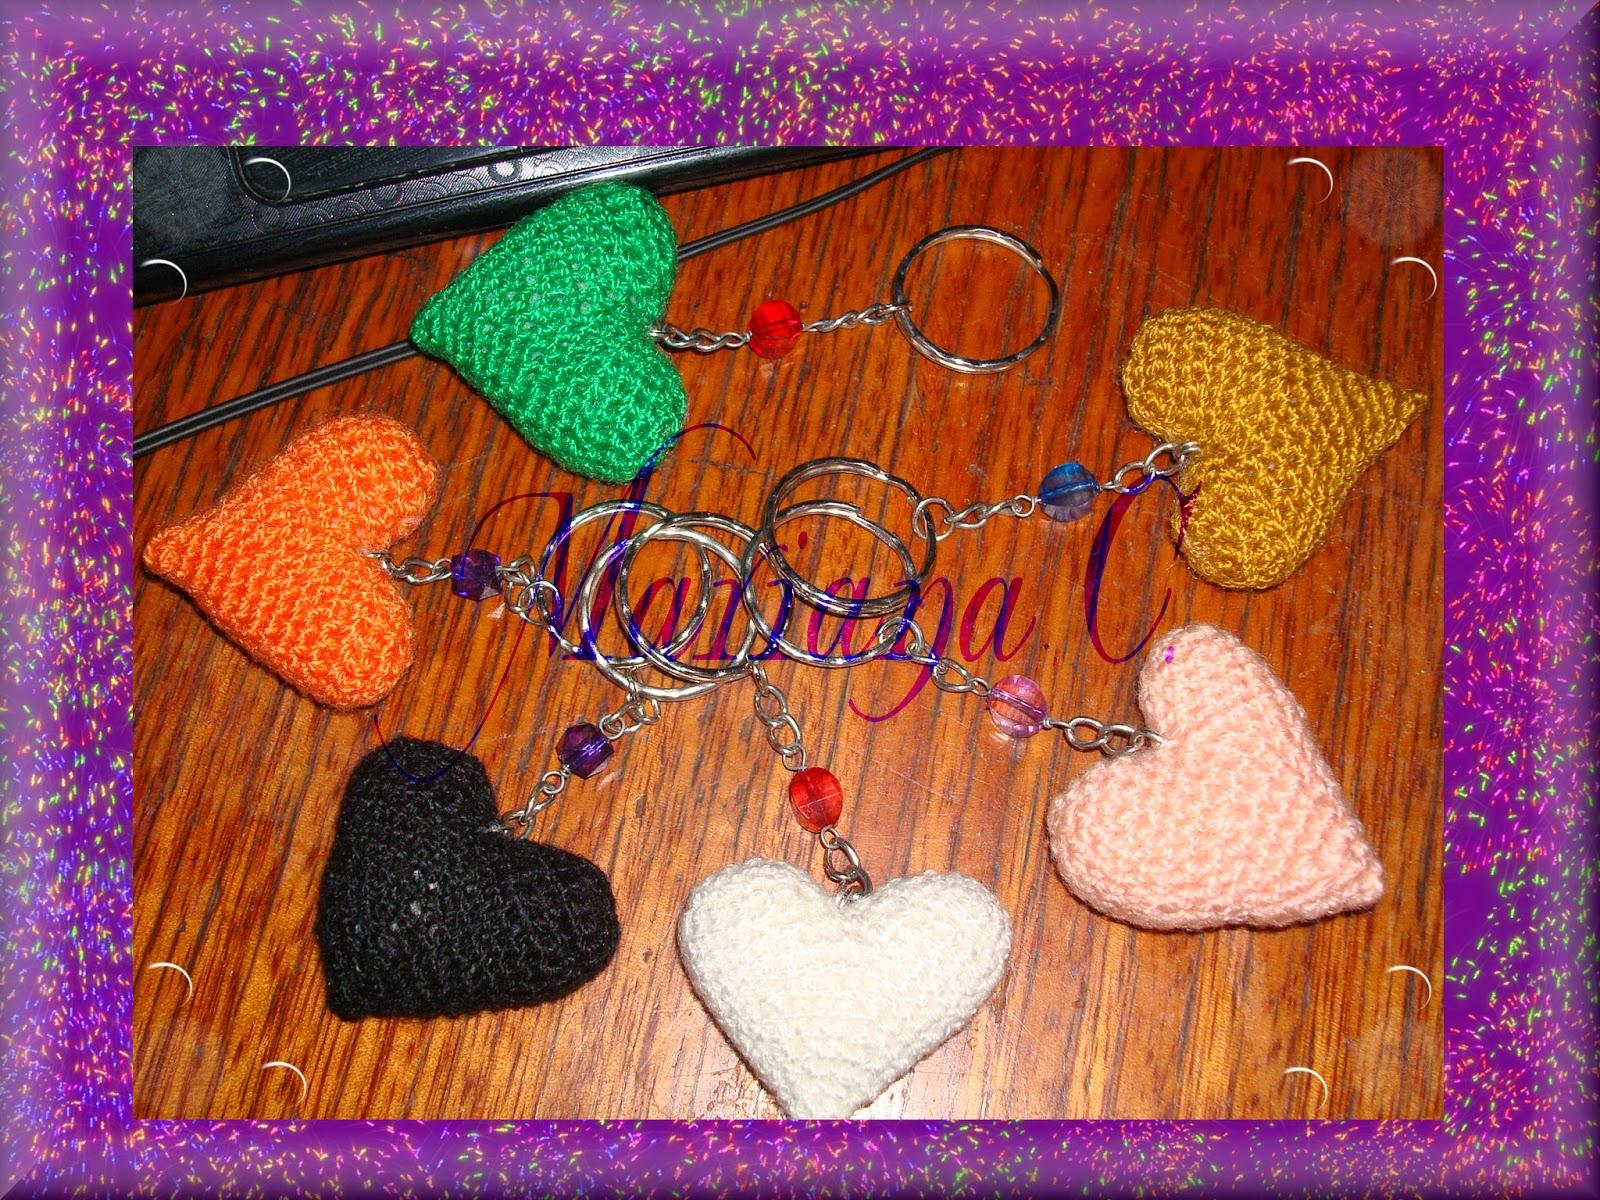 Amigurumi Llavero Corazon : Mariana teje y desteje con amor entregando pedidos de amigurumis